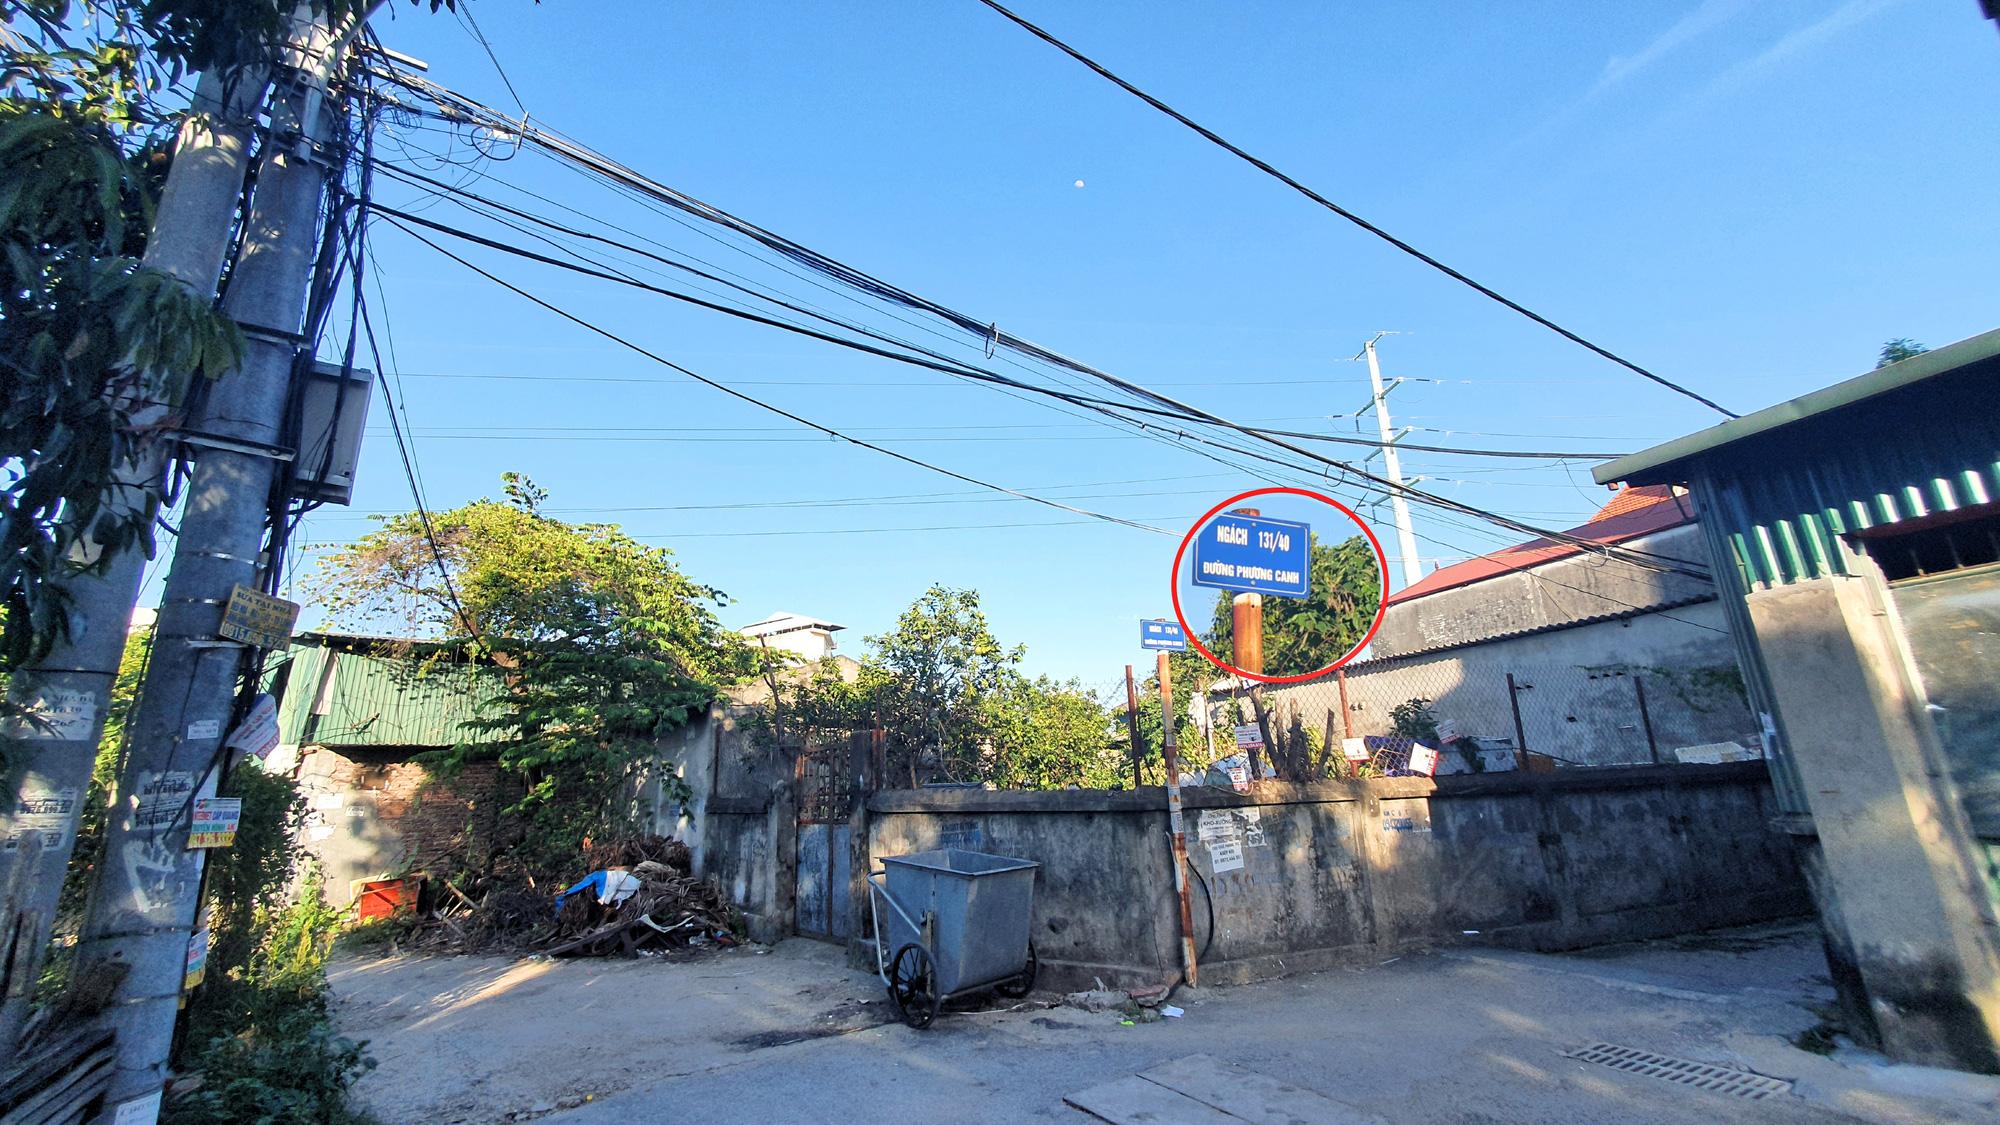 Cận cảnh đường nối KĐT Xuân Phương - Quốc lộ 32 sắp mở ở Nam Từ Liêm, Hà Nội - Ảnh 7.